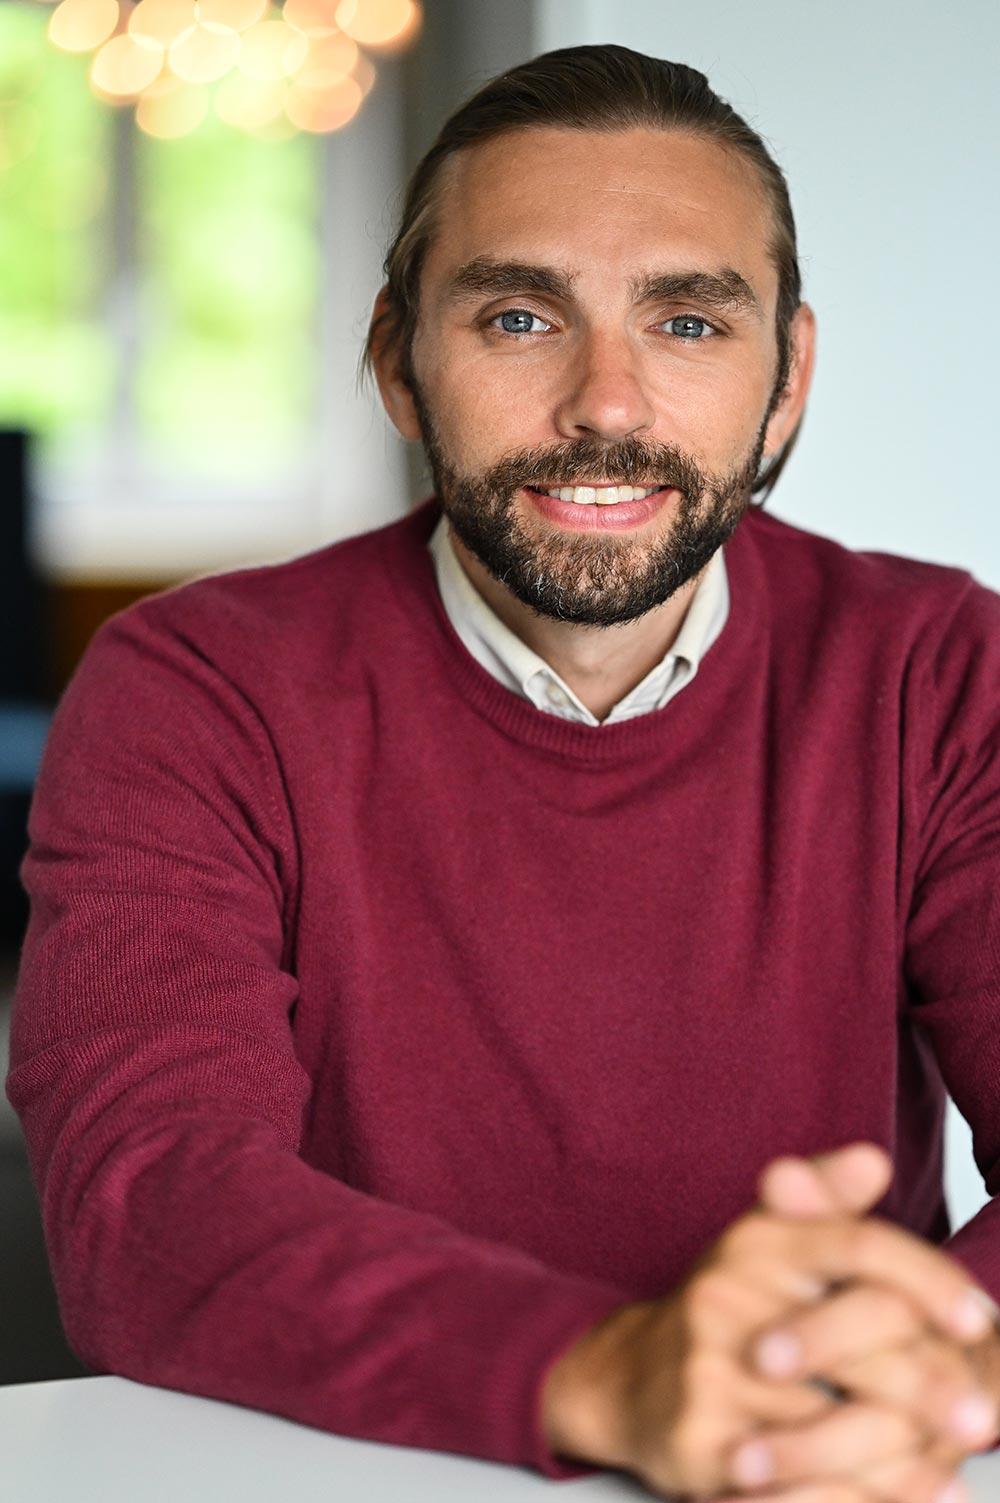 Daniel Pflaum